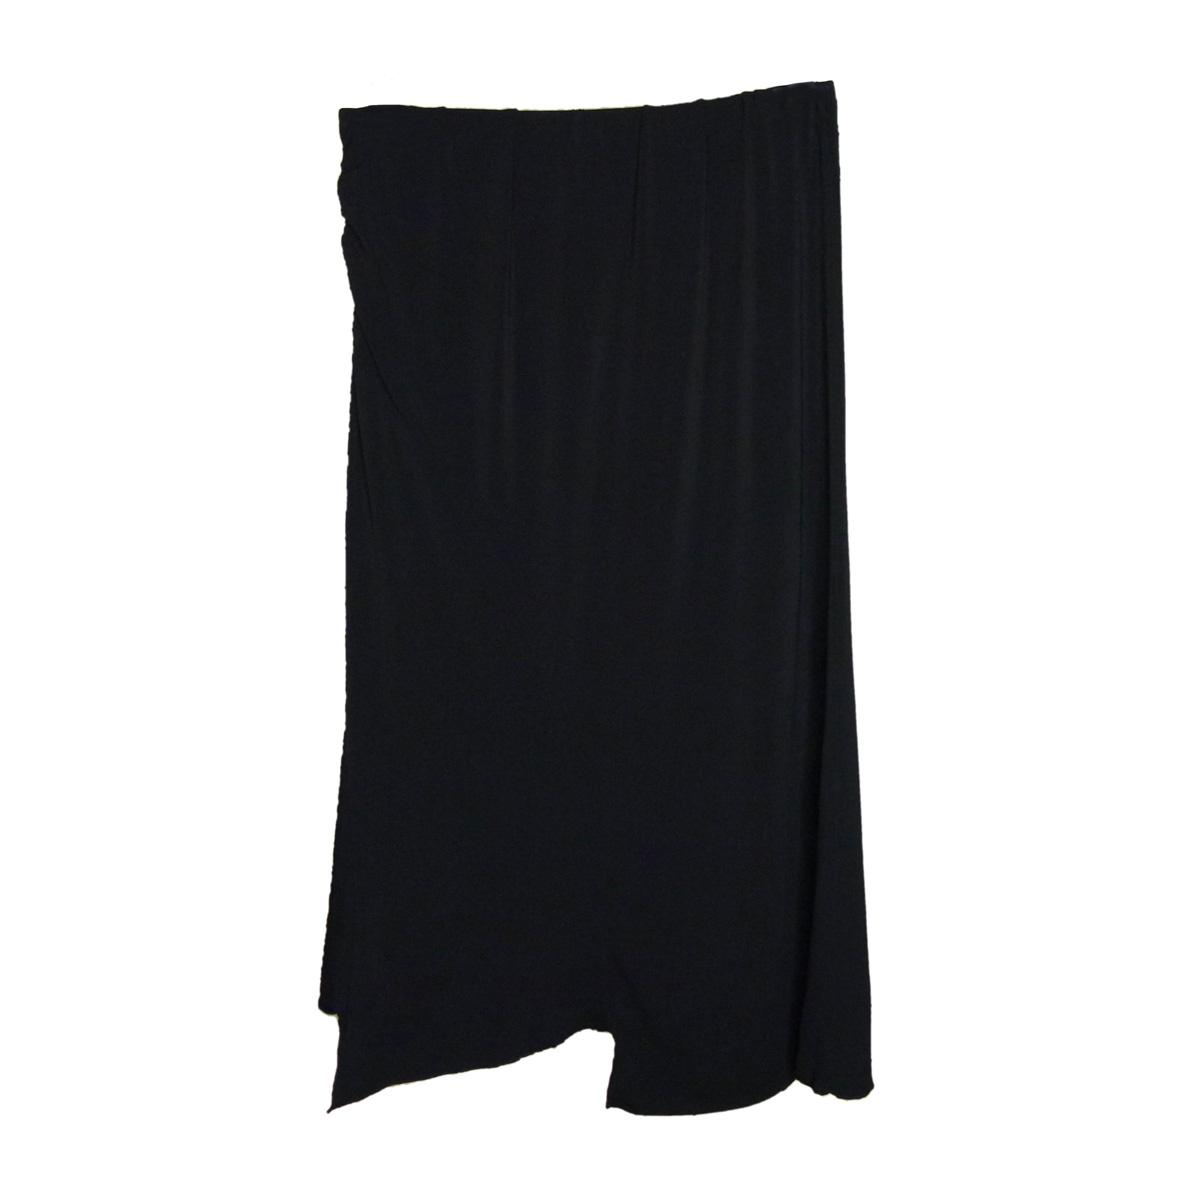 Asymmetrical Hem Evening Skirt in Black